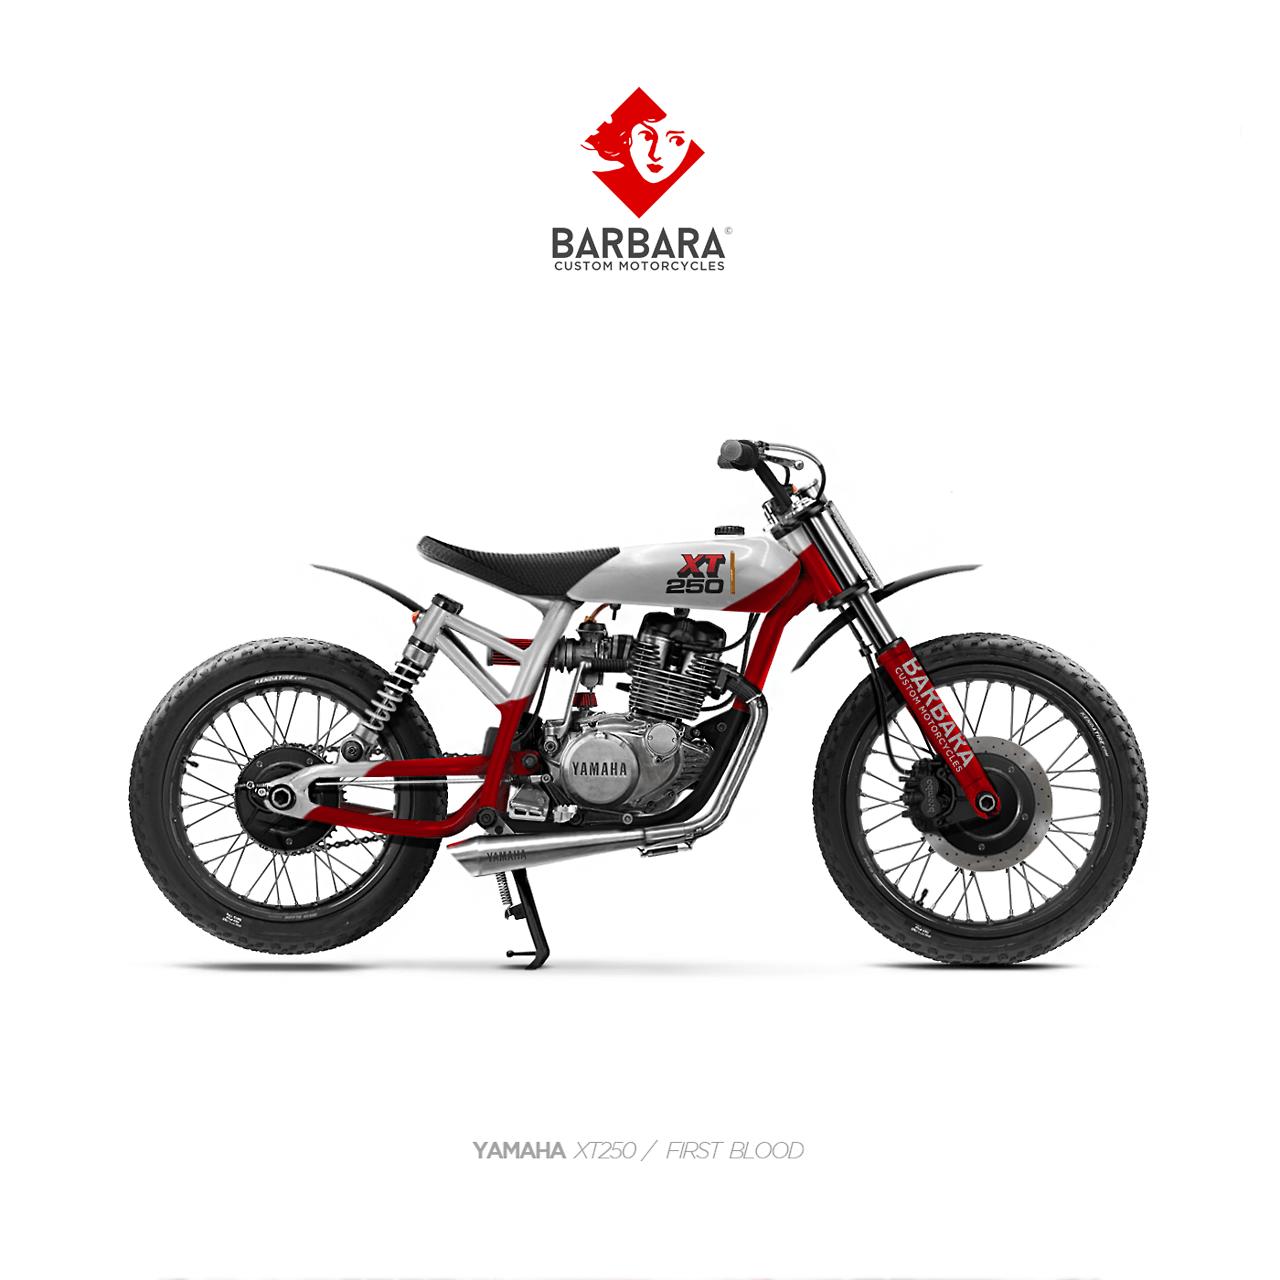 Barbara Motorcycles Yamaha Xt250